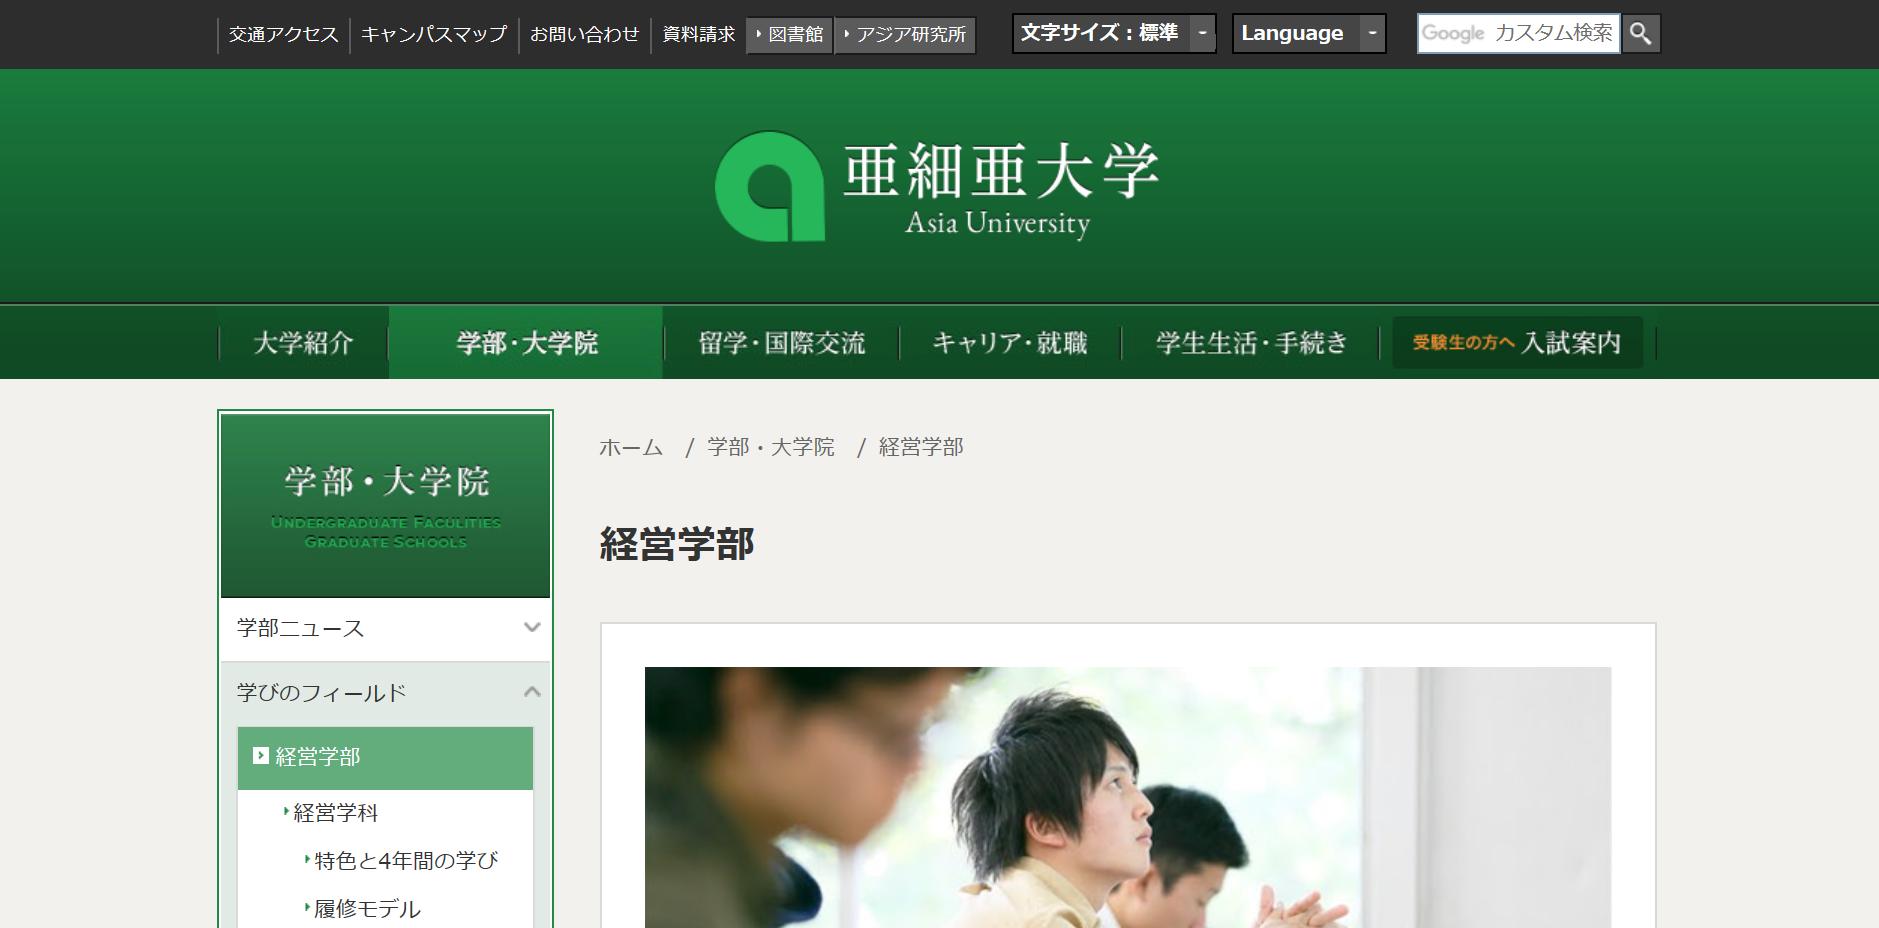 亜細亜大学の評判・口コミ【経営学部編】